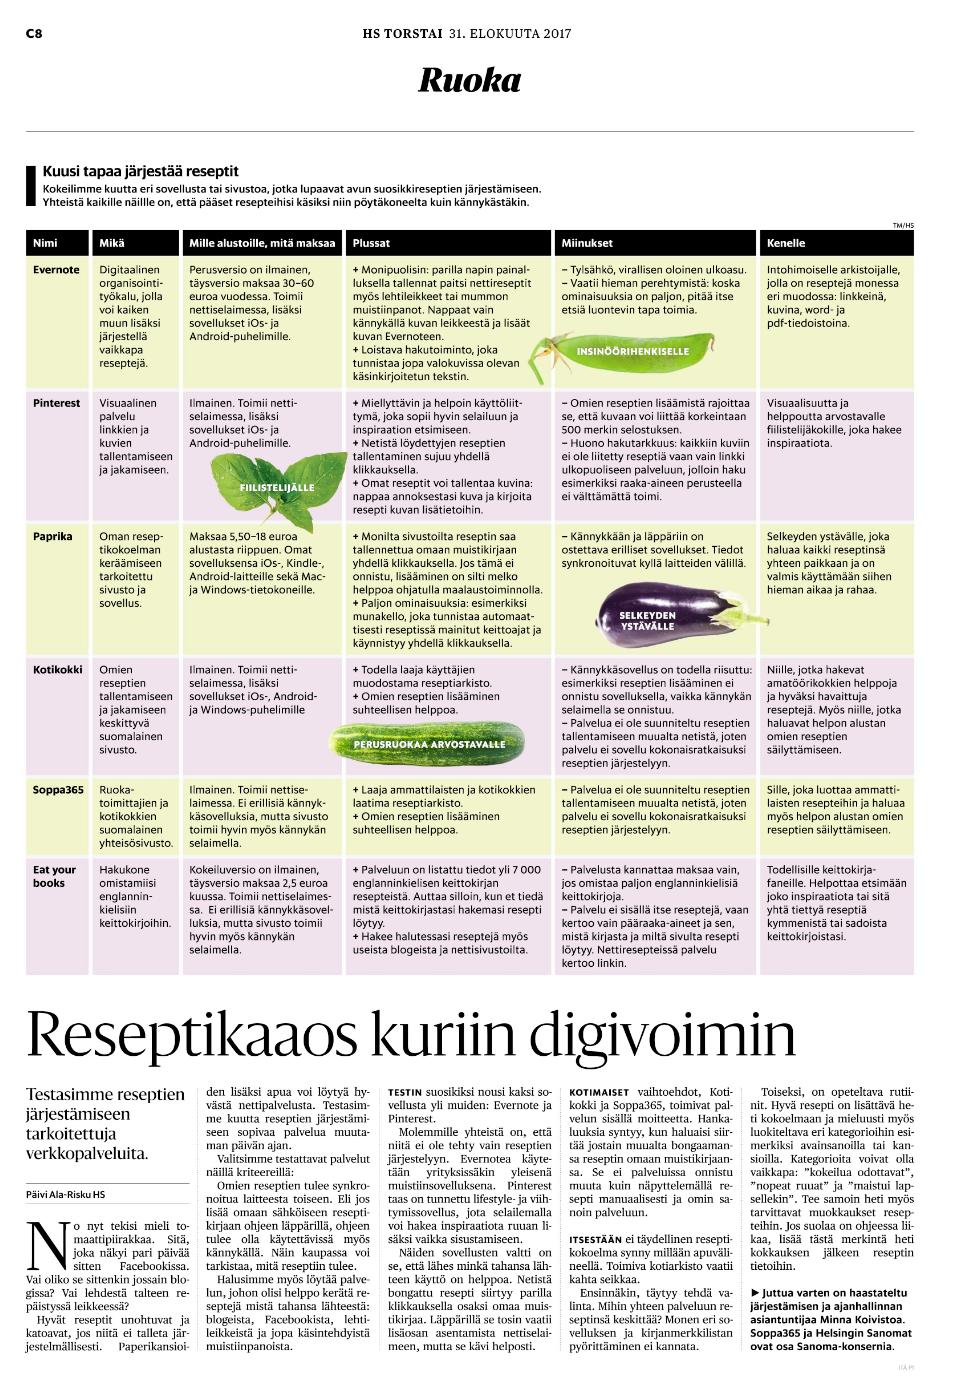 Helsingin Sanomat, Minna Koivisto